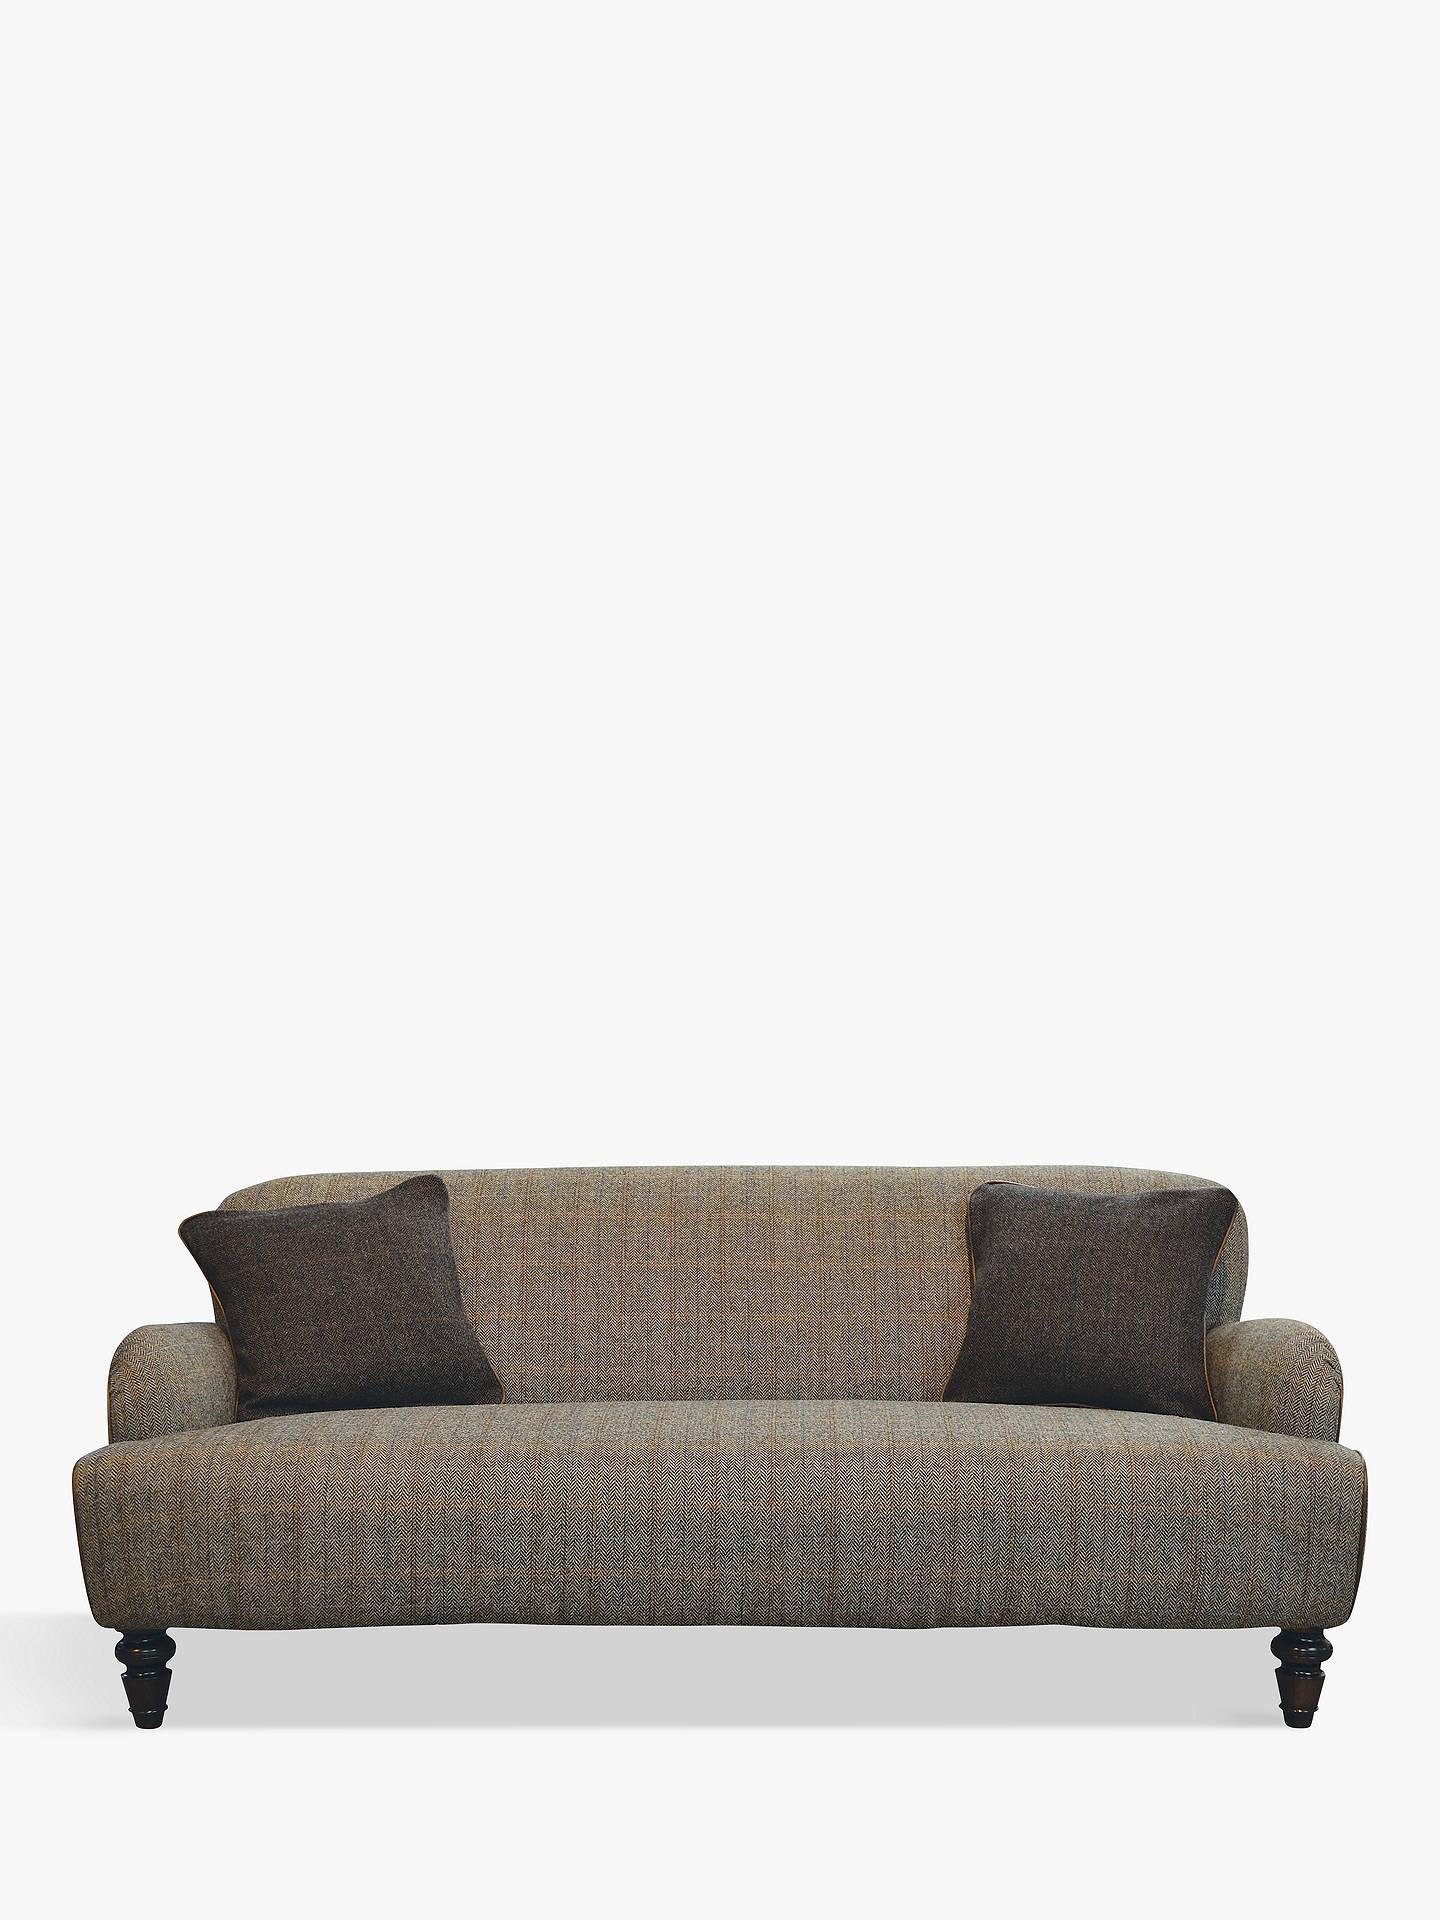 Tetrad Lewis Large 3 Seater Sofa Harris Tweed Bracken Herringbone